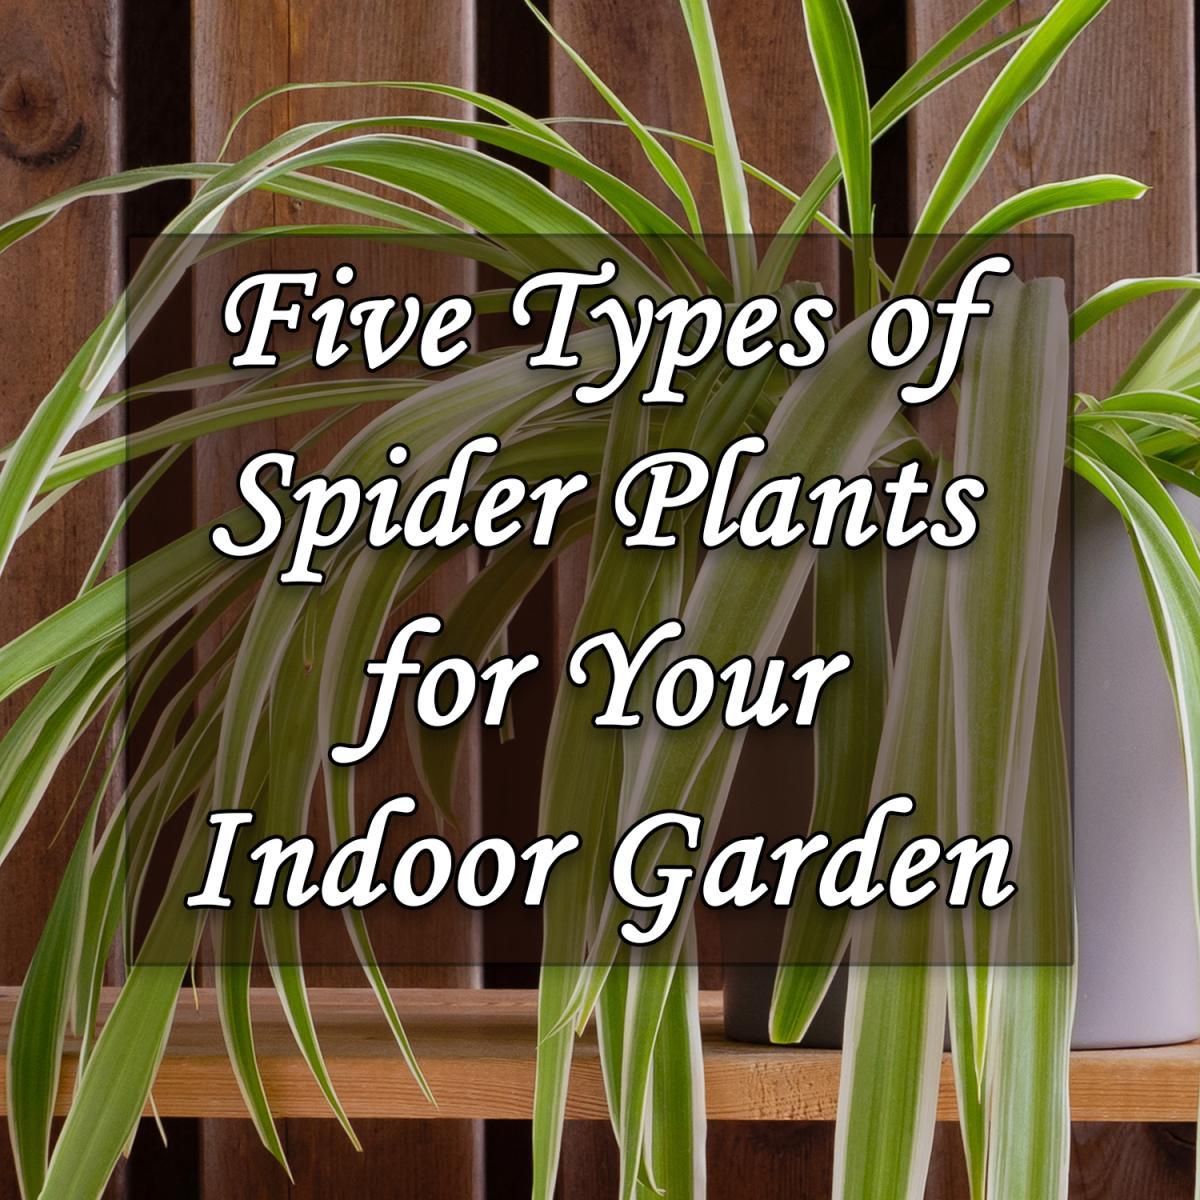 Five Types of Spider Plants for Your Indoor Garden